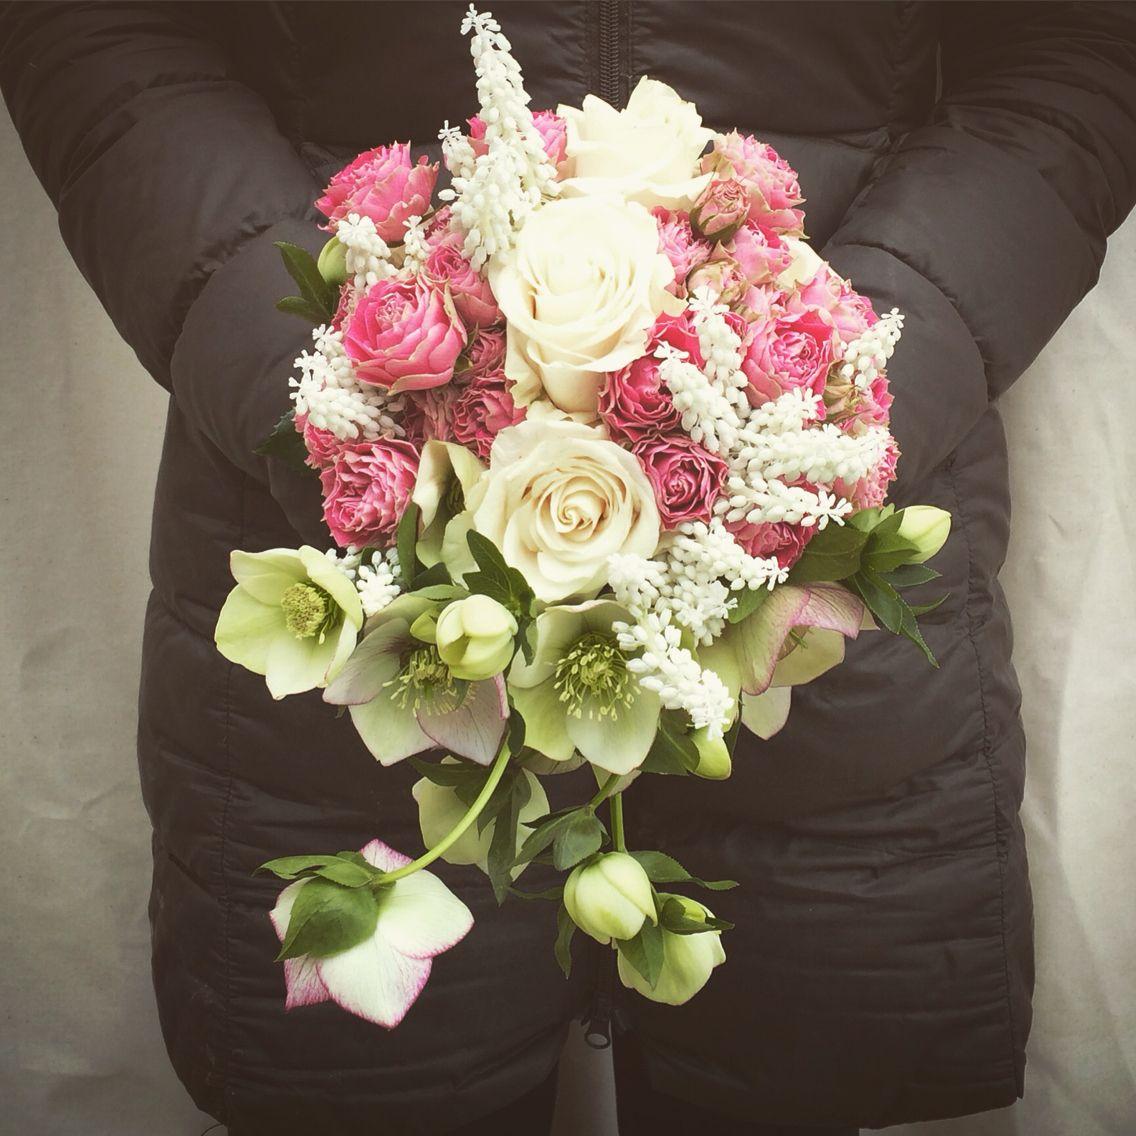 Bouquet Della Sposa.Bouquet Della Sposa Con Rose Muscari Bianchi Ed Elleboro Muscari